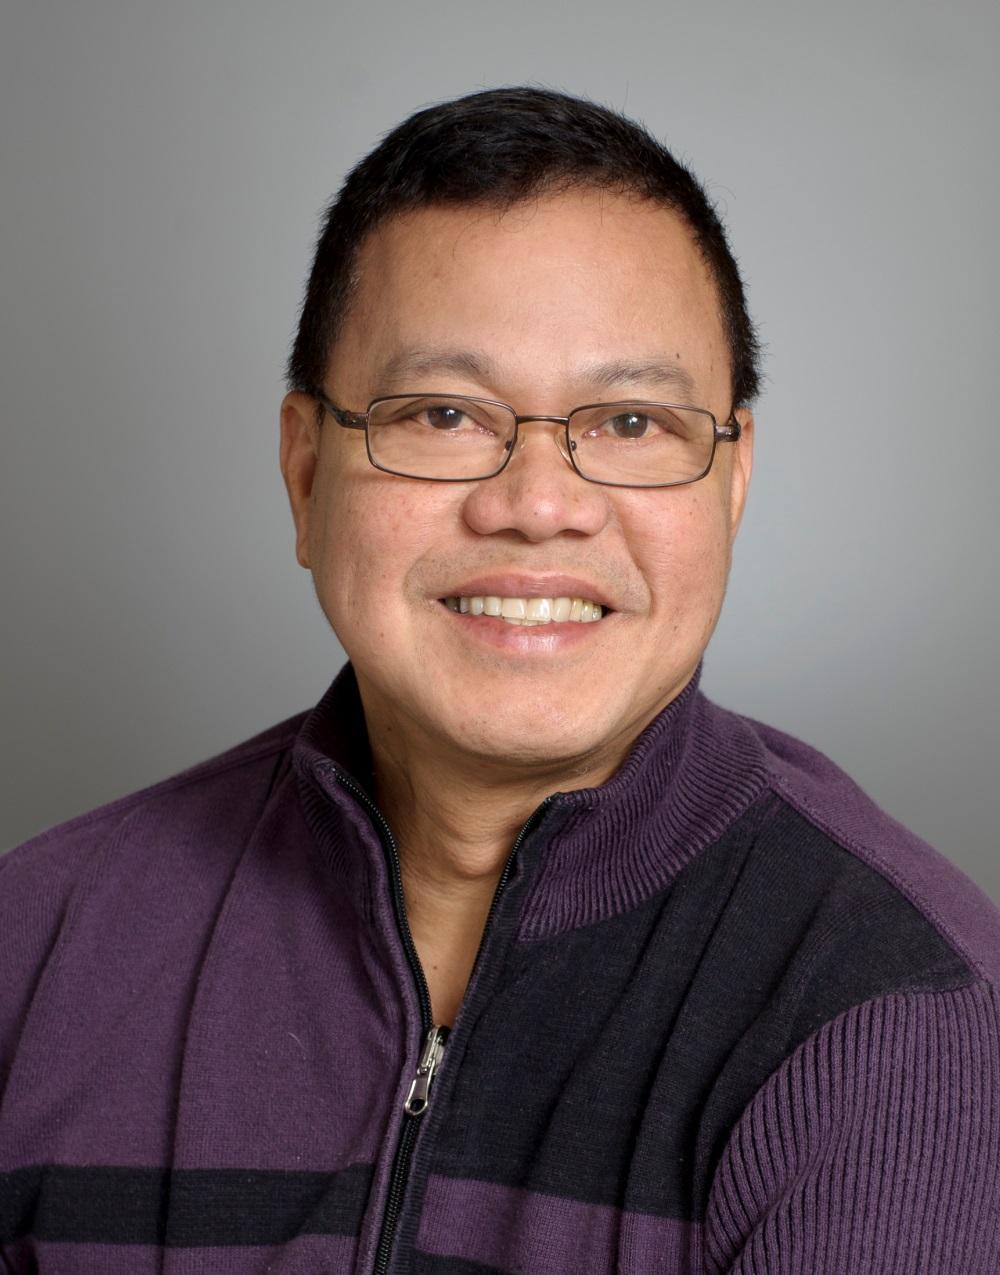 Danny Quianzon